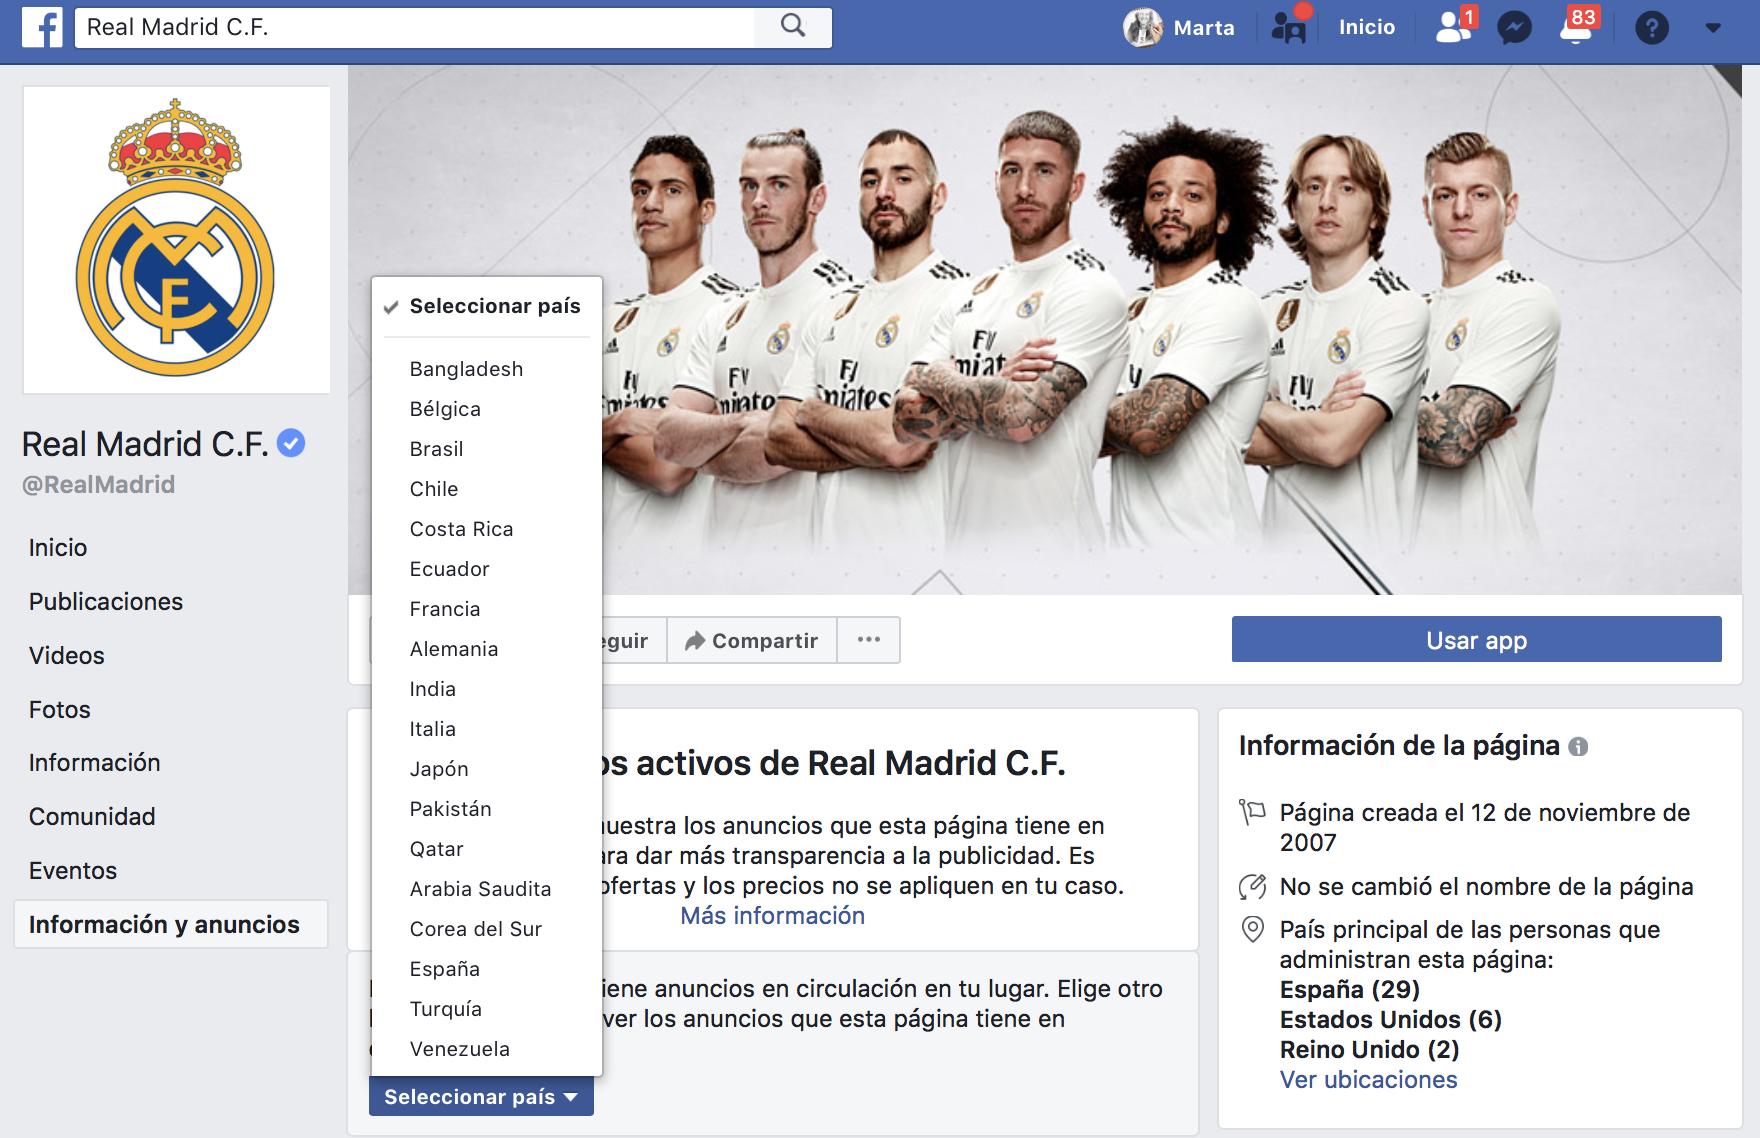 Países en los que está haciendo publicidad en Real Madrid f720f245fcd5f